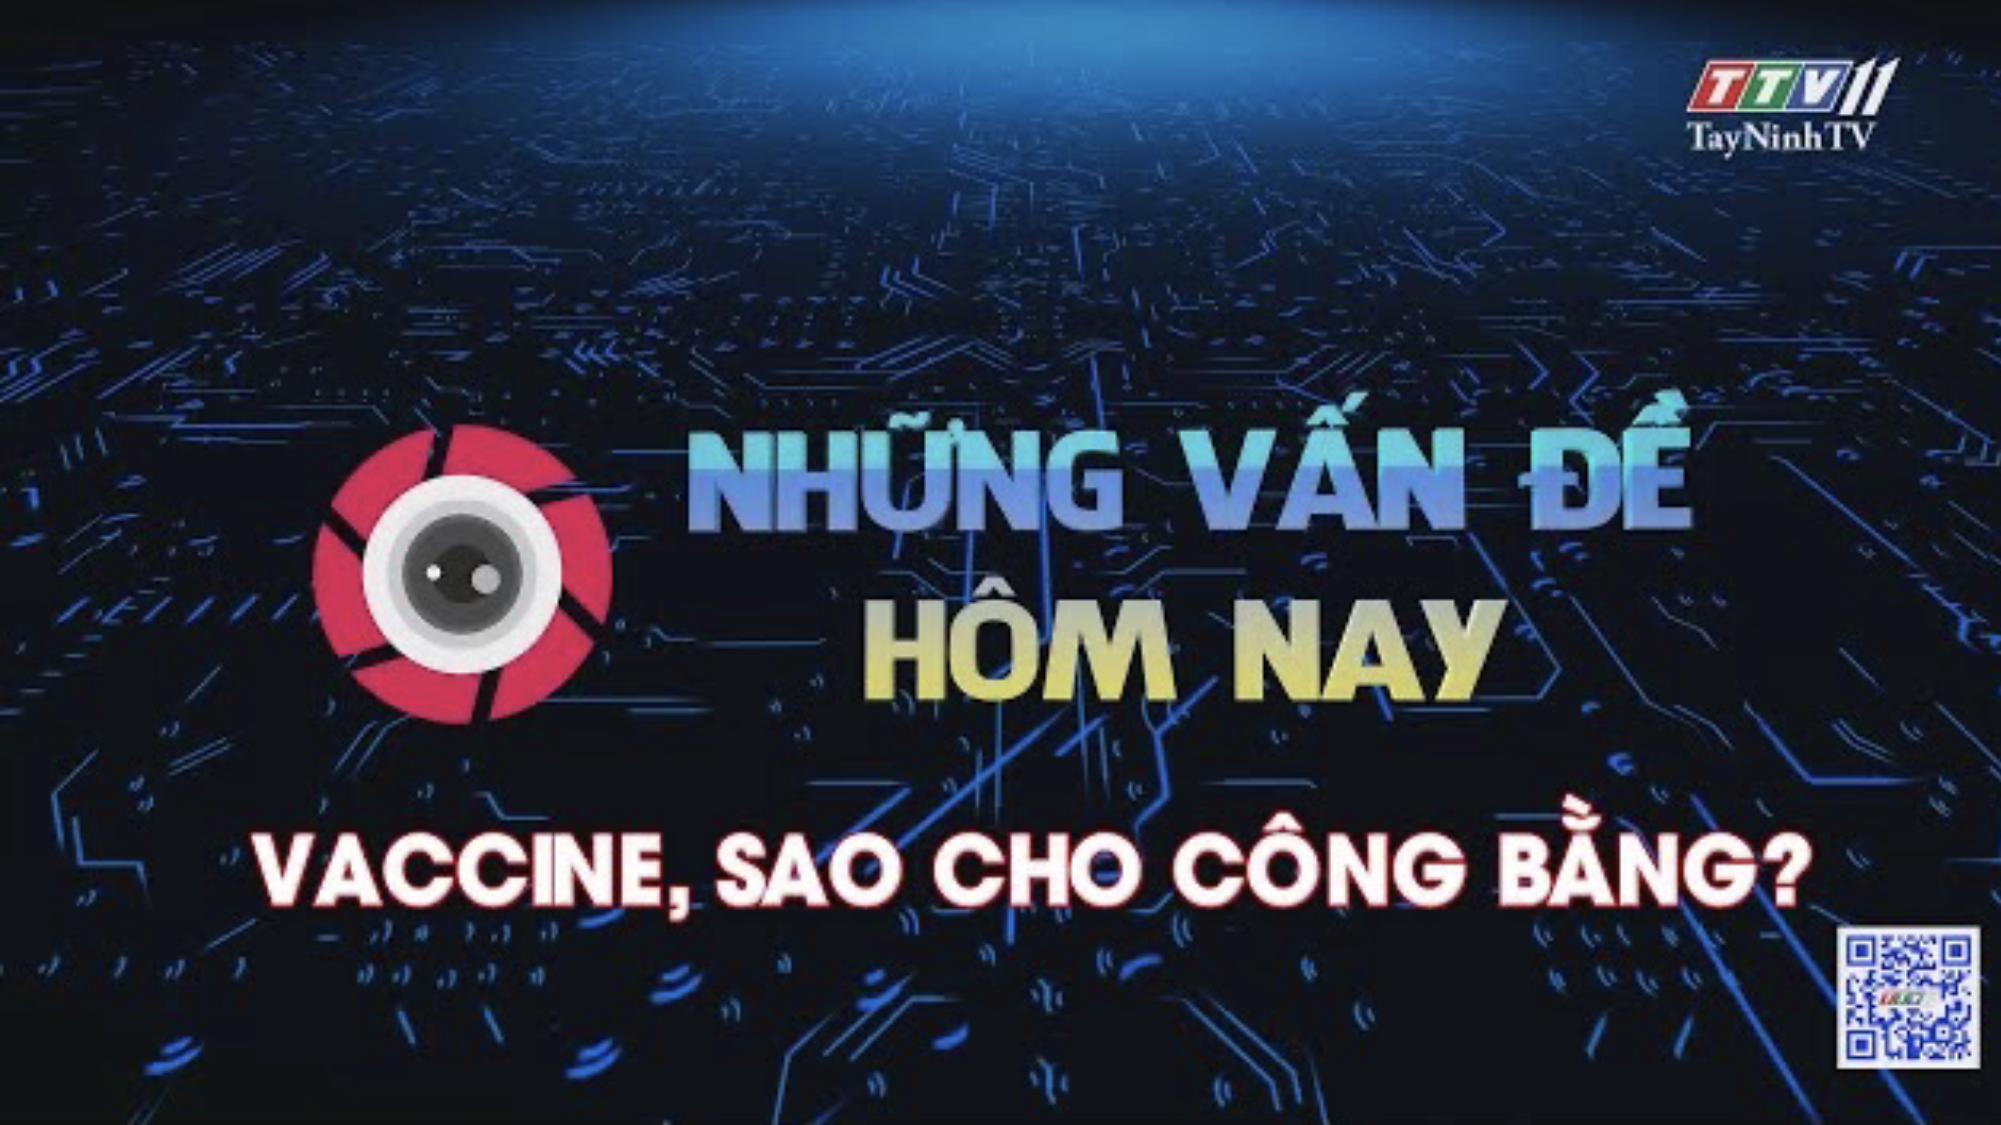 VACCINE, SAO CHO CÔNG BẰNG? | Những vấn đề hôm nay | TayNinhTV